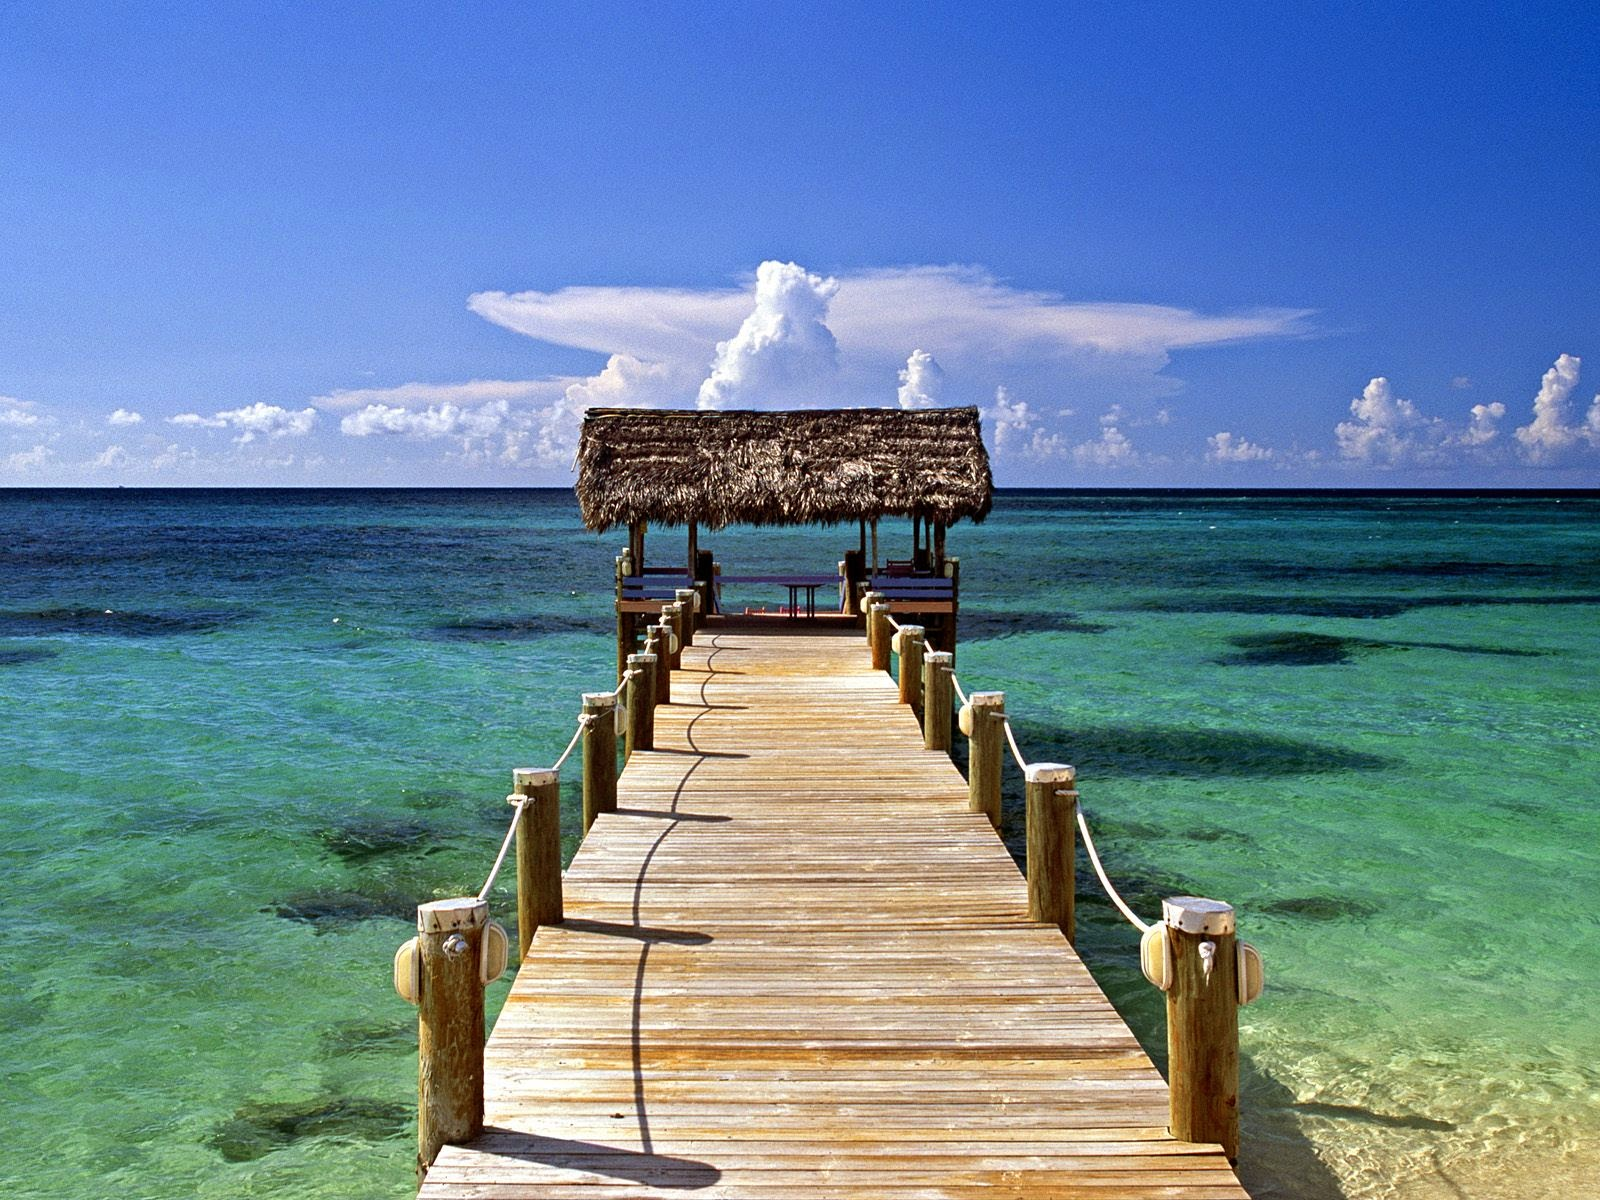 tải hình nền bãi biển mùa hè